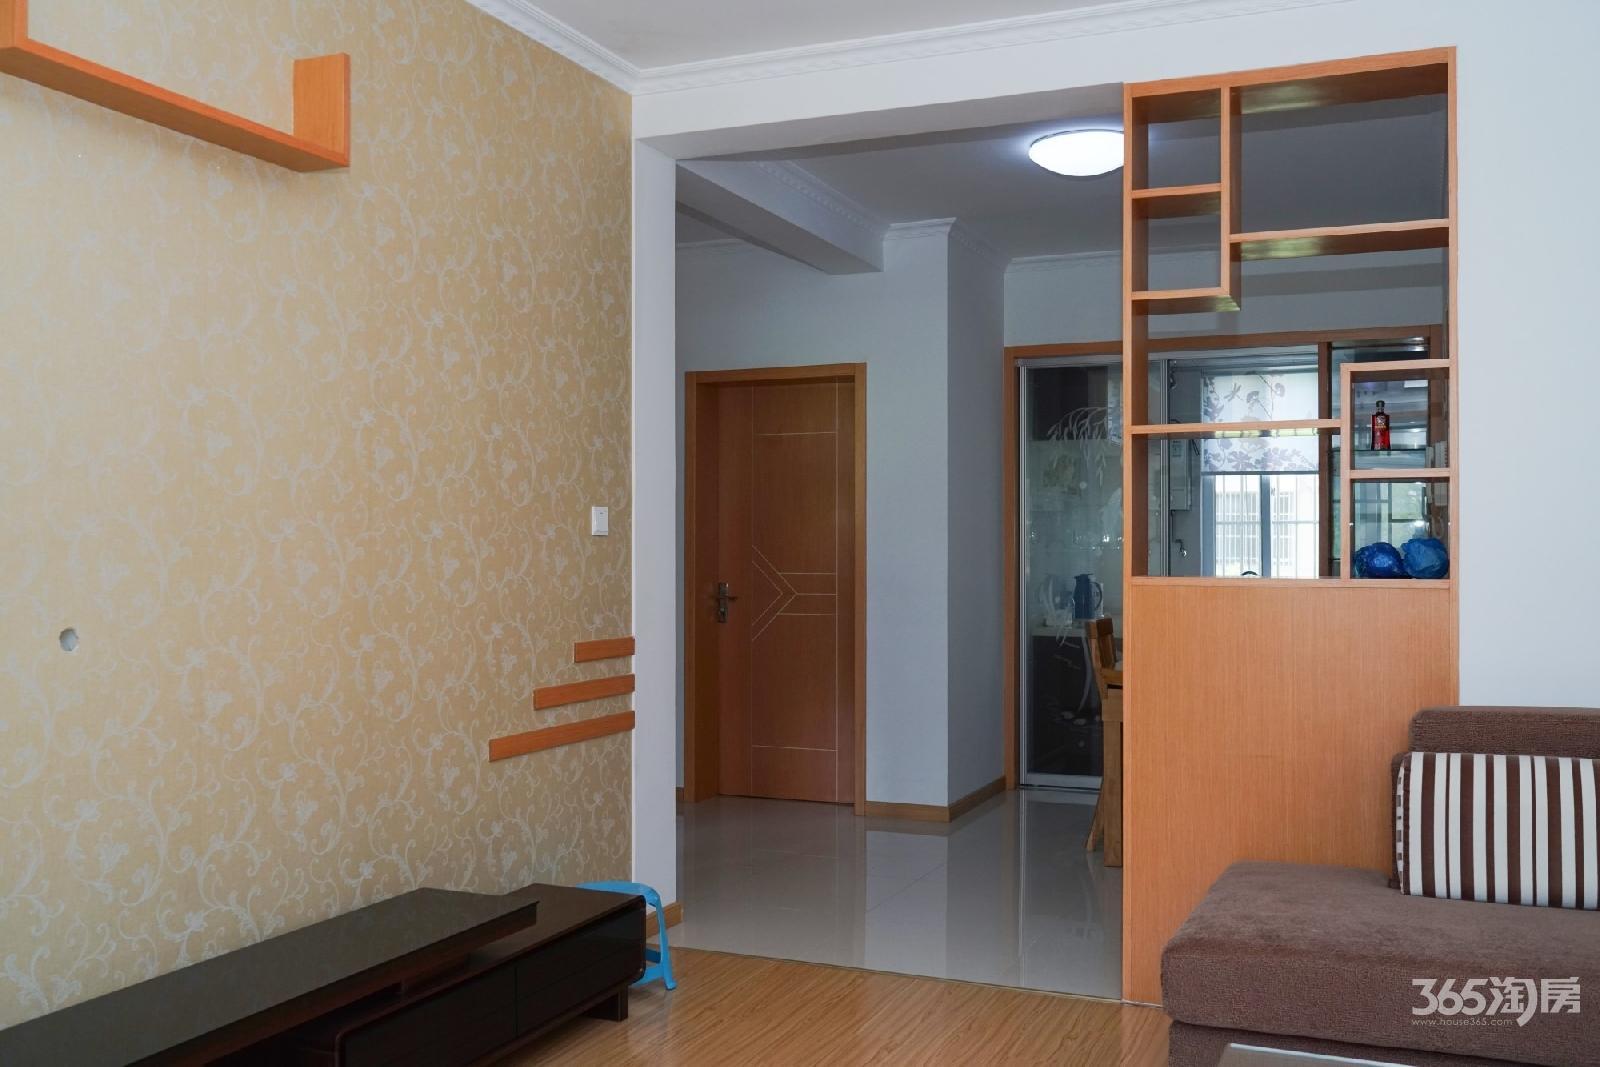 二手新房未居住未出租 6层的3楼  满5  设施齐全 价可谈